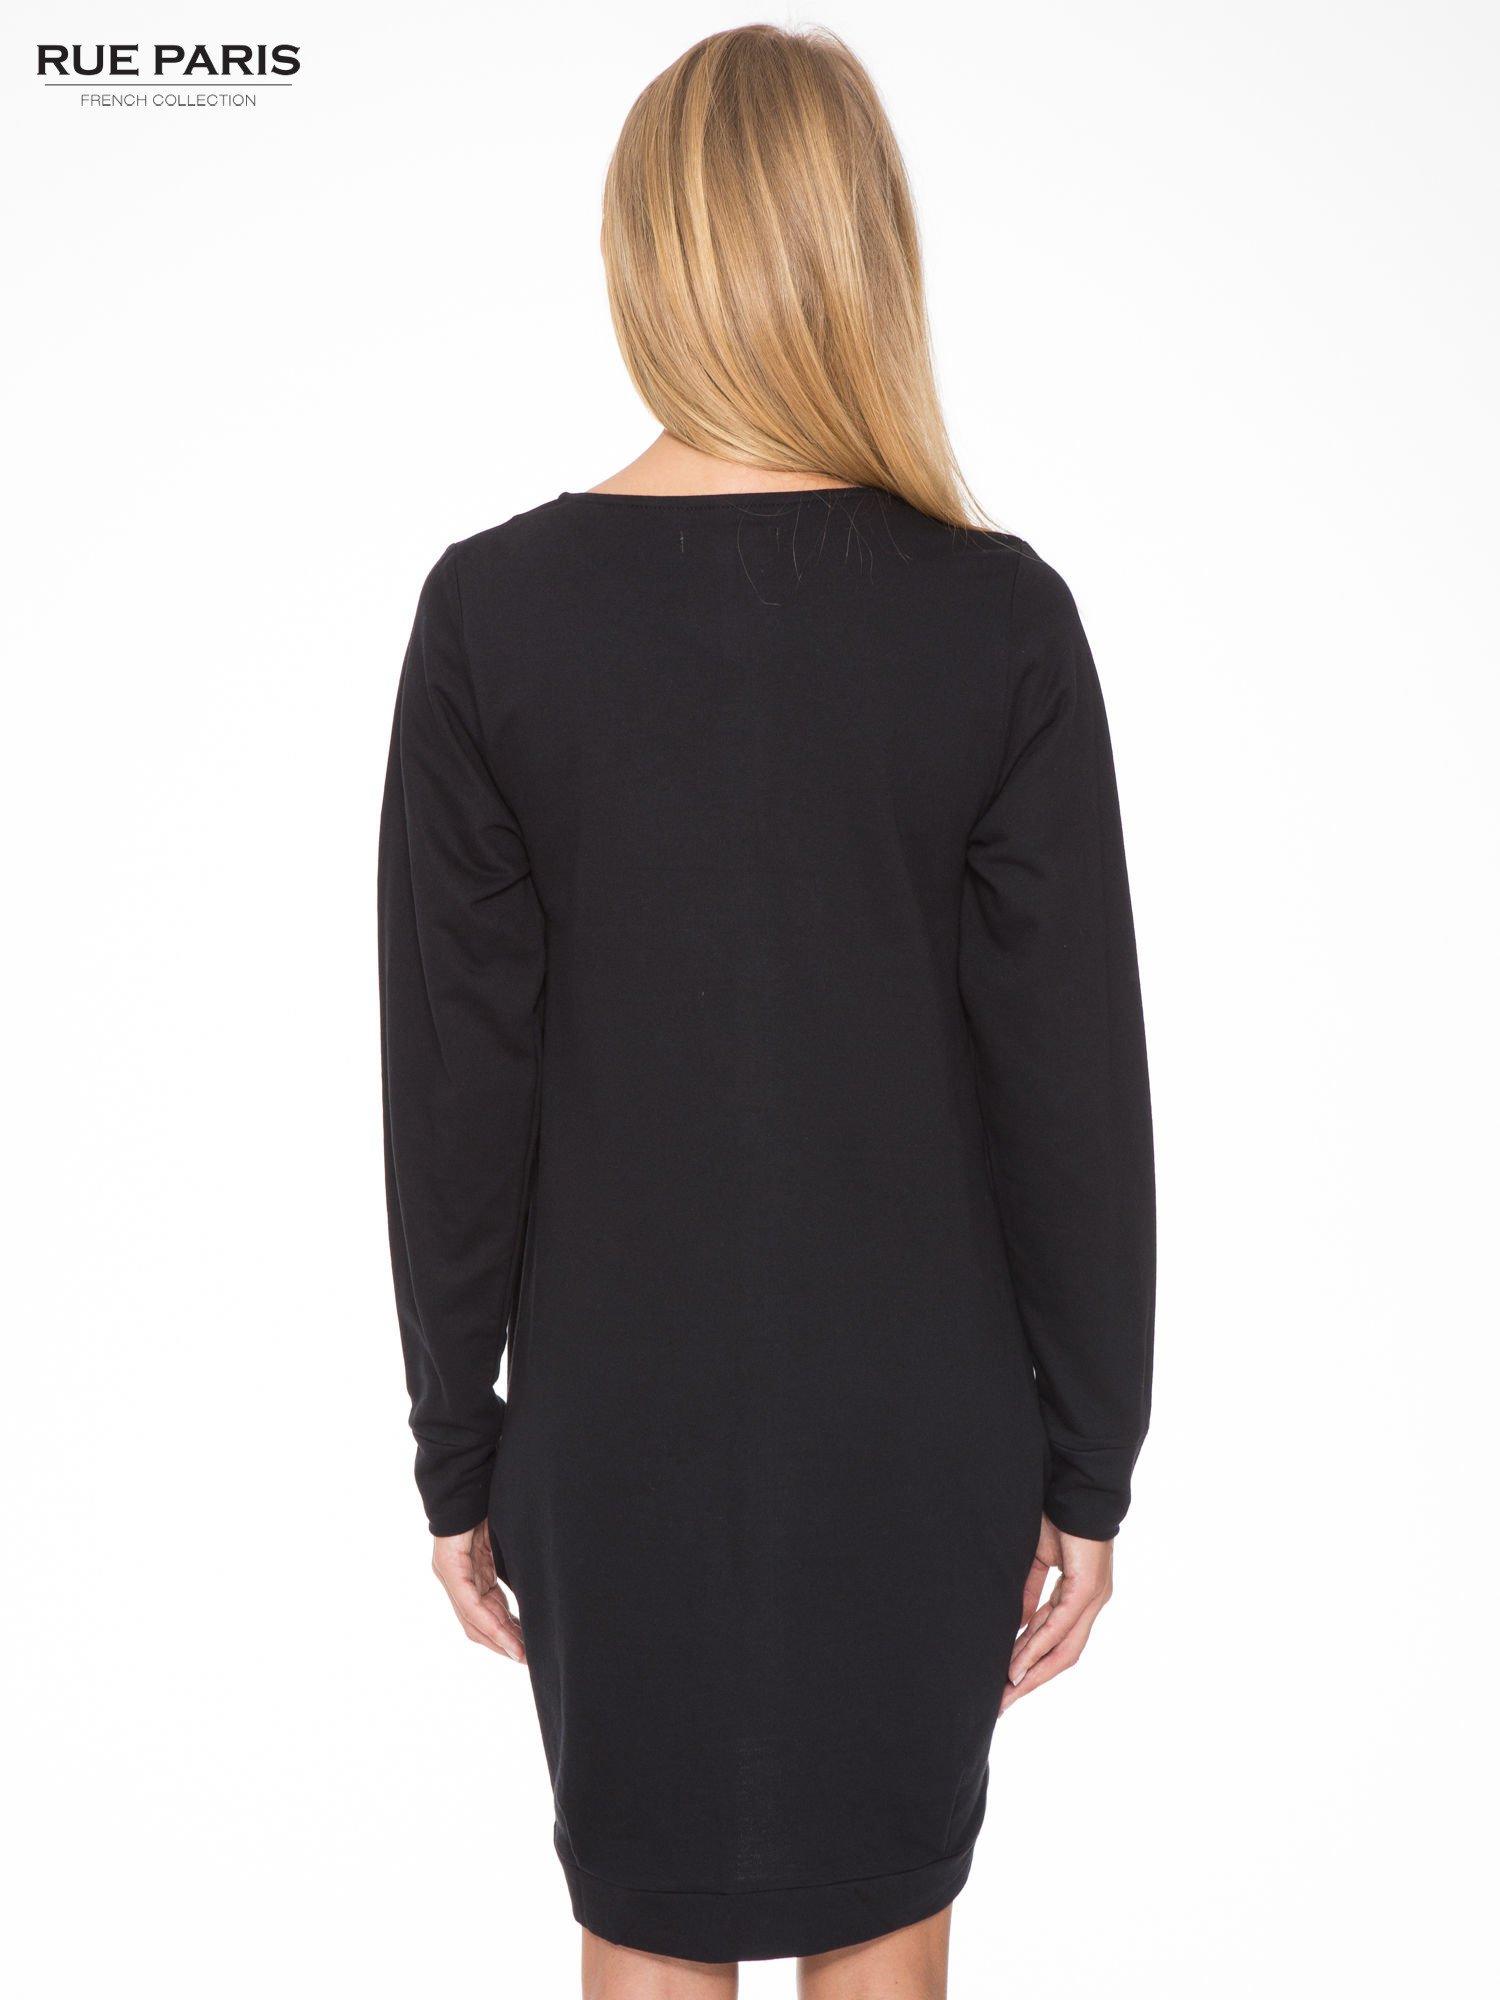 Czarna dresowa sukienka oversize z ozdobnymi kieszeniami                                  zdj.                                  4